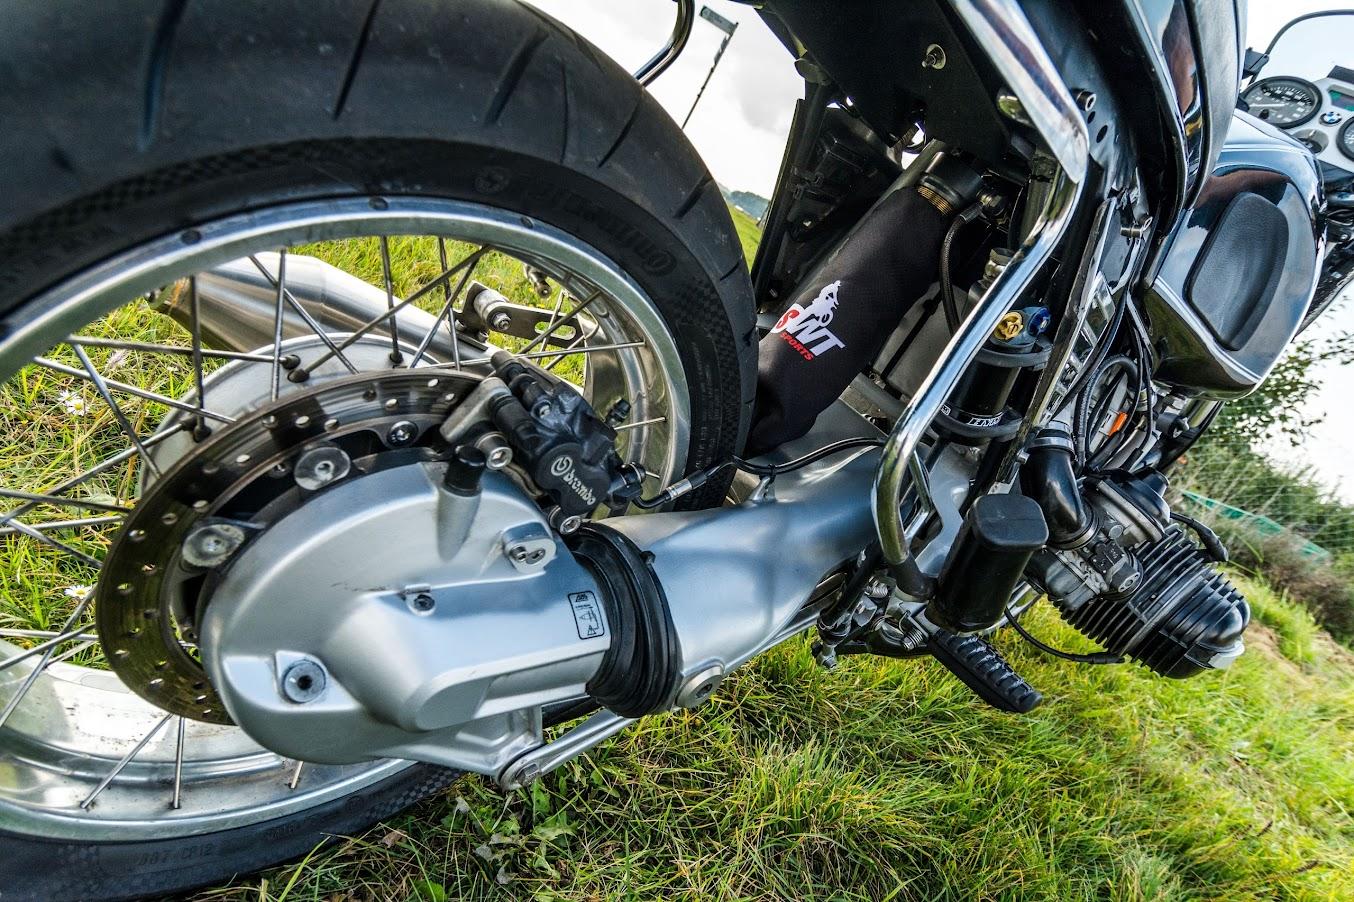 BMW R 100 R mit Scheibenbremse am Hinterrad